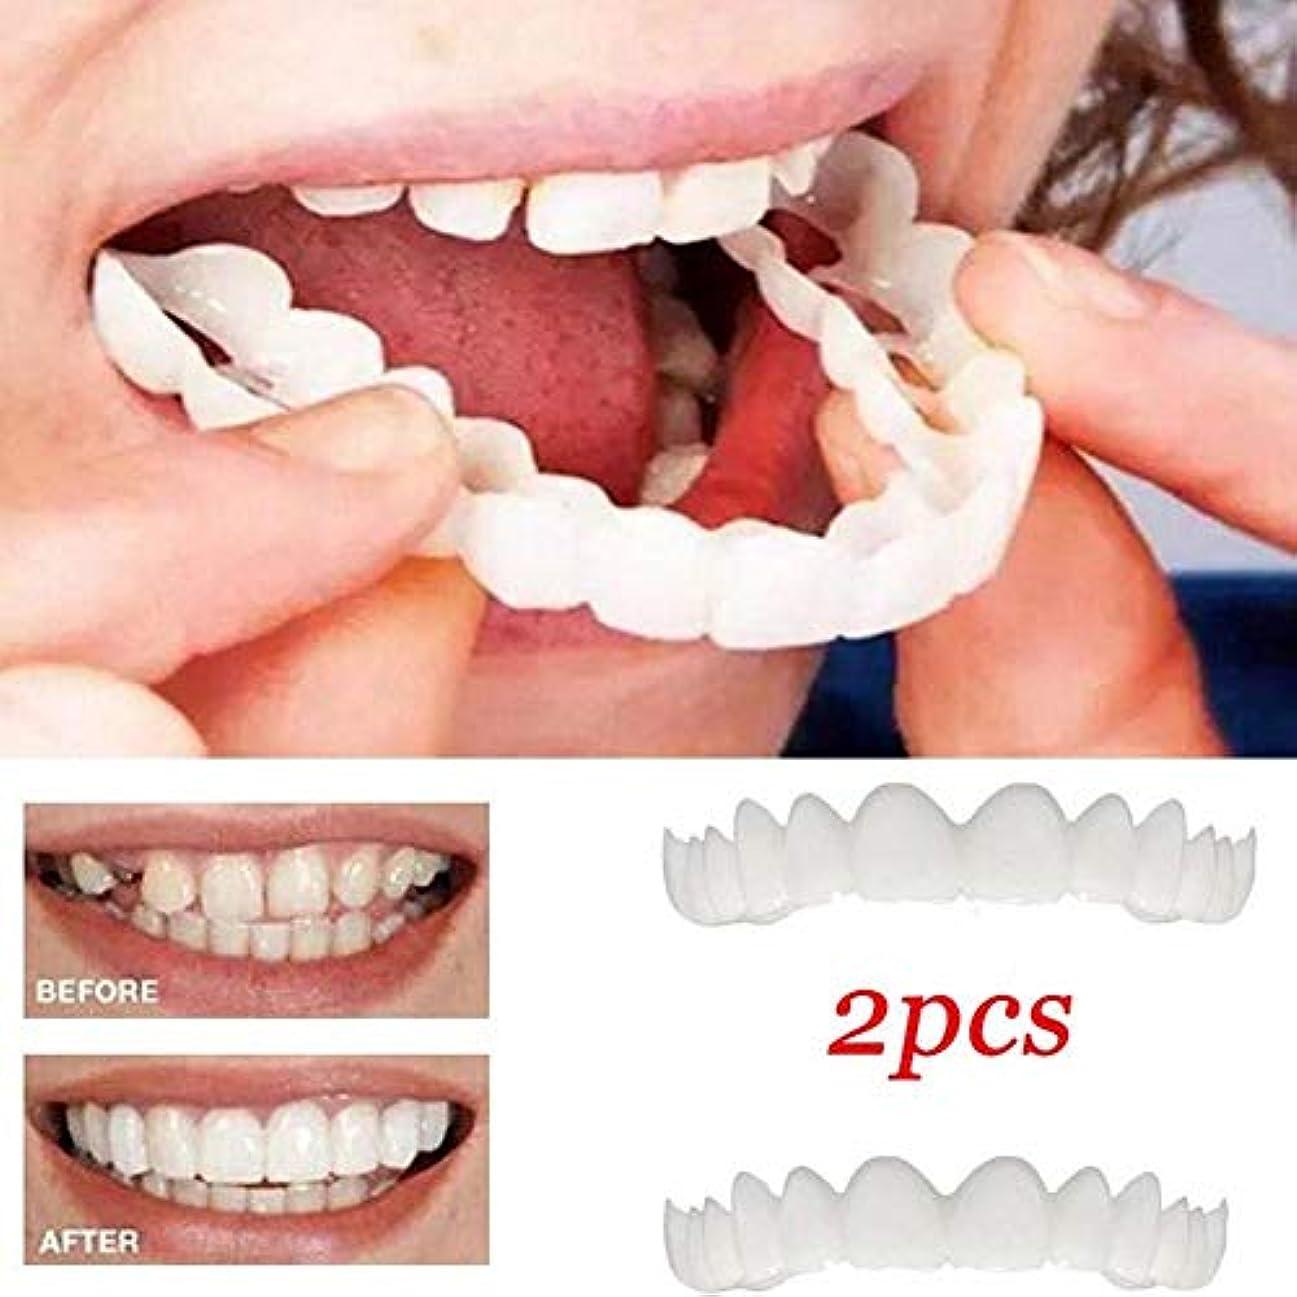 汚物鳴らすコスチュームユニセックスシリコンシミュレーション義歯、ホワイトニングフィット義歯(上下の歯のセット),A